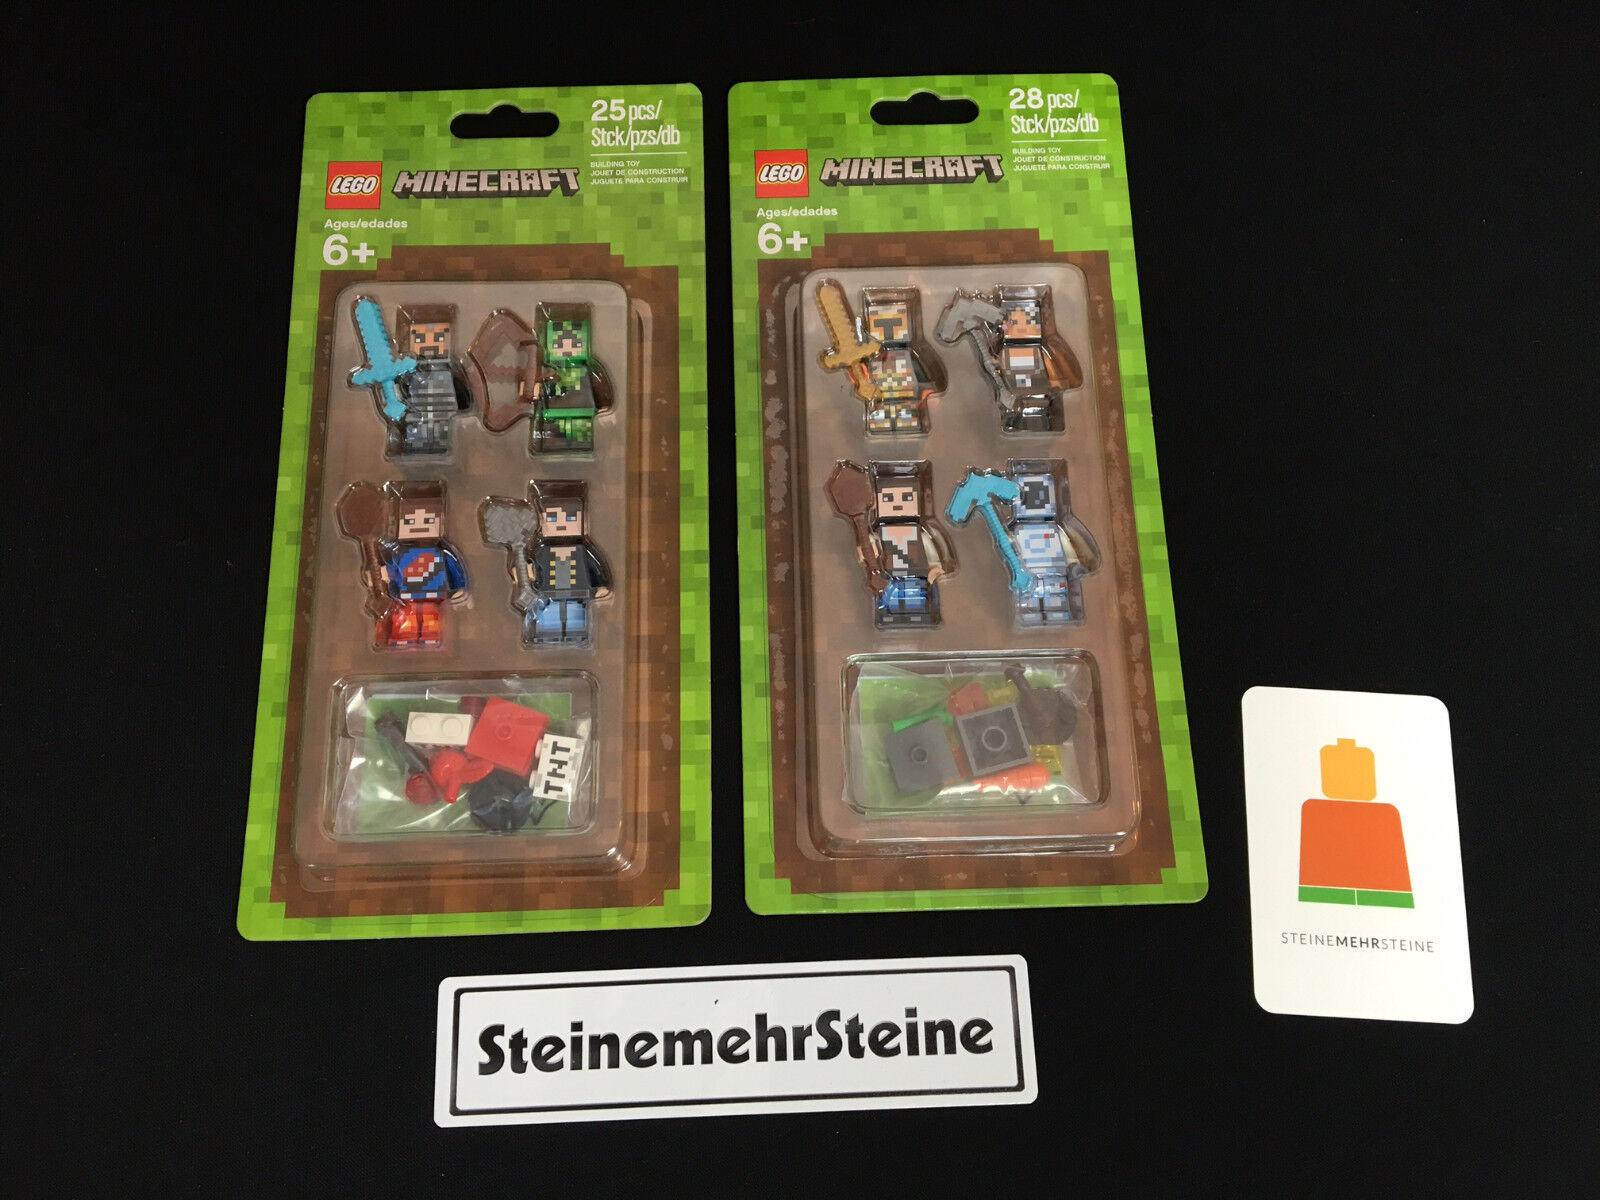 Lego 853609 8536 10 Minecraft Figures  2 x Minifig Sleeves Accessory Set nouveau nouveau  site officiel